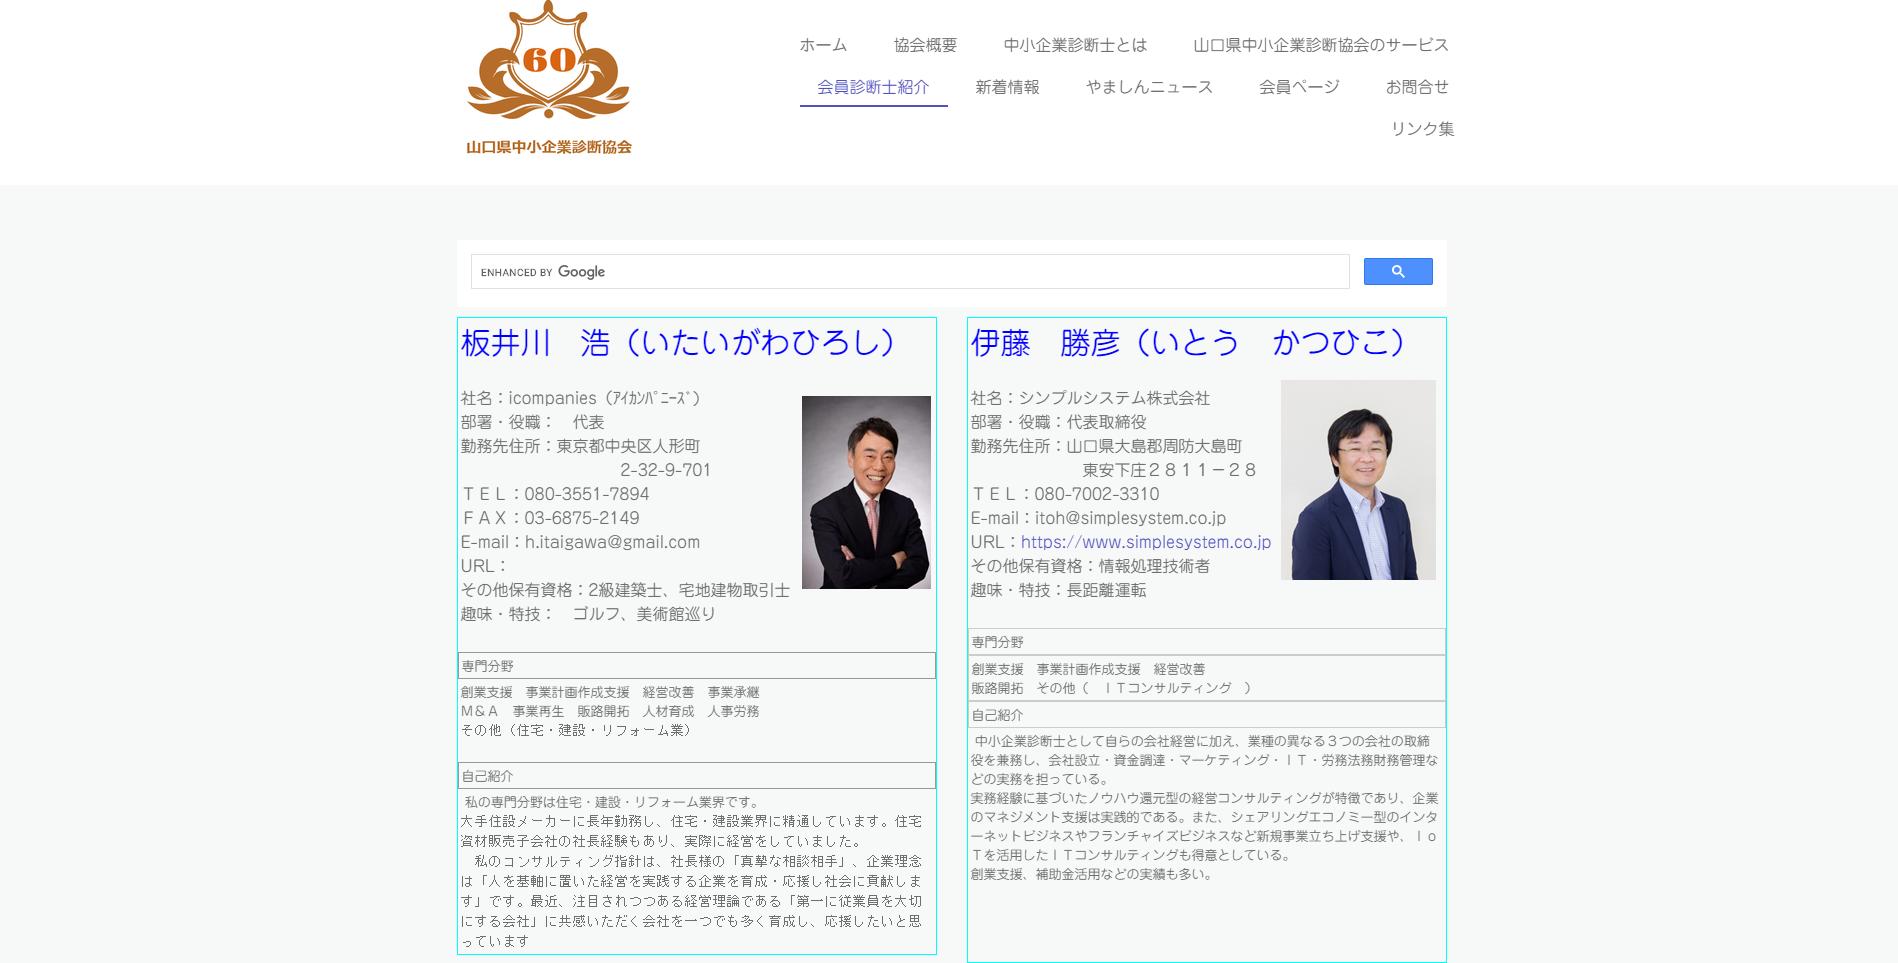 登録する中小企業診断士の紹介ページ